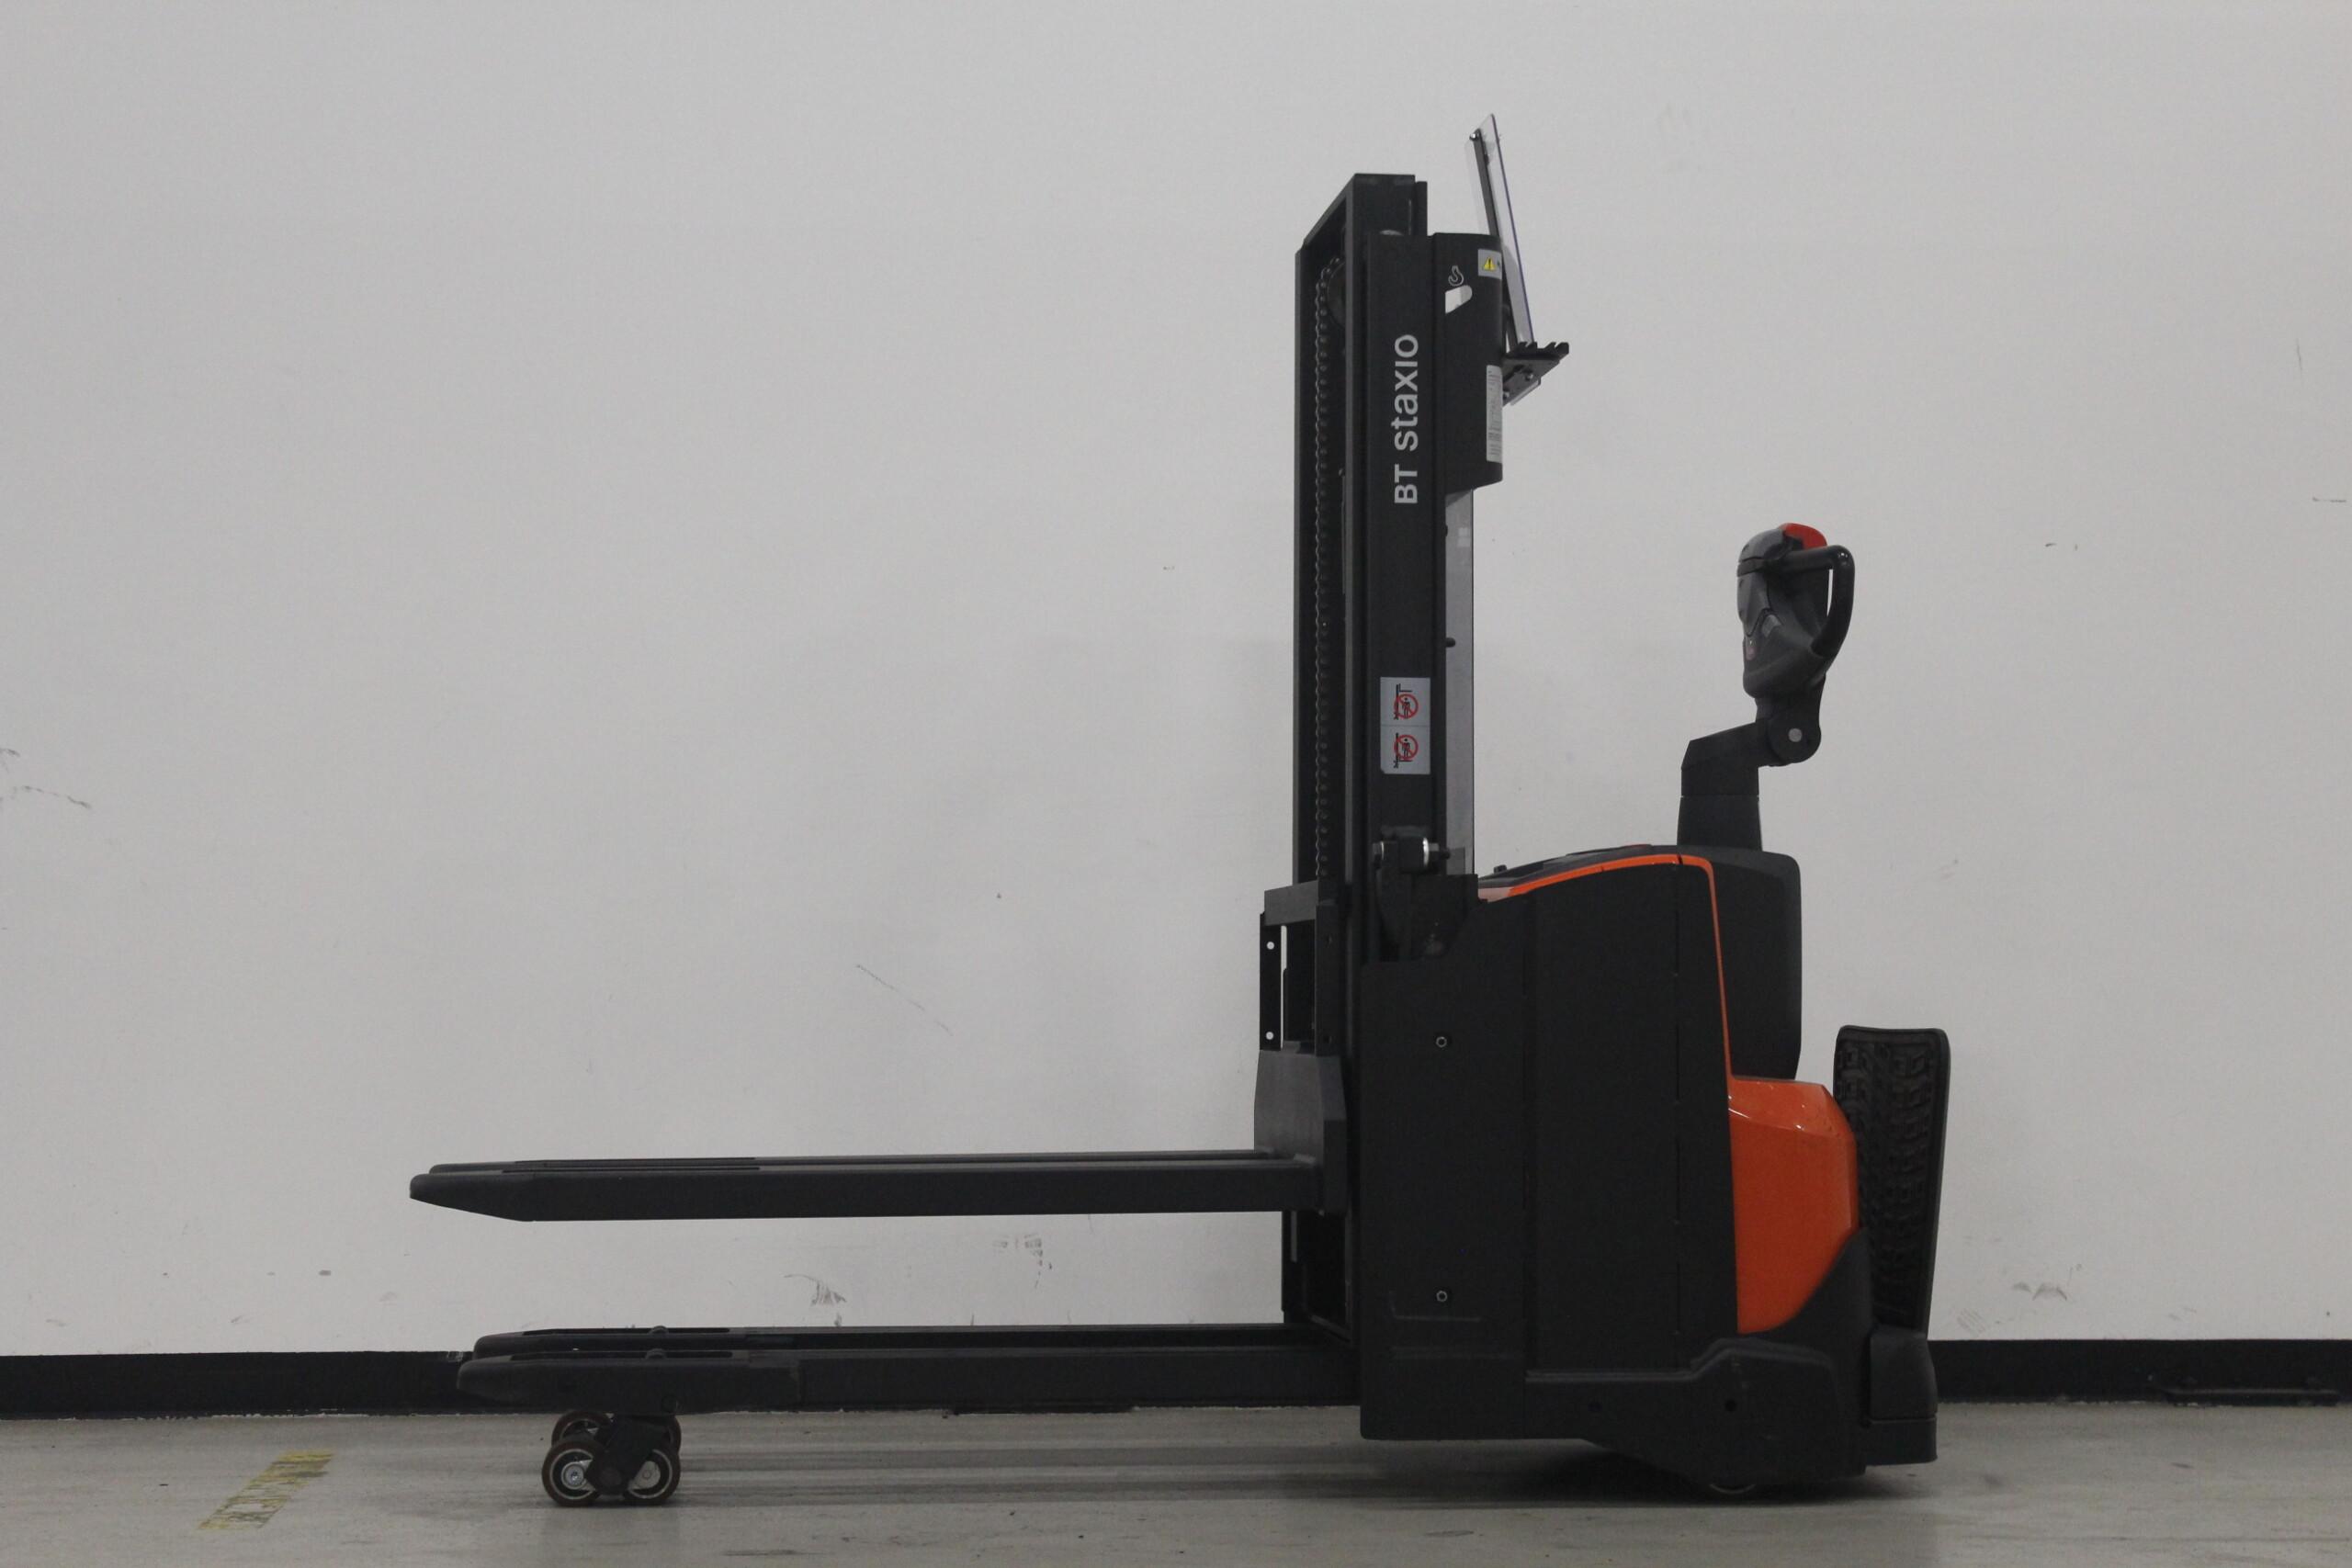 Toyota-Gabelstapler-59840 1610088284 1 23 scaled